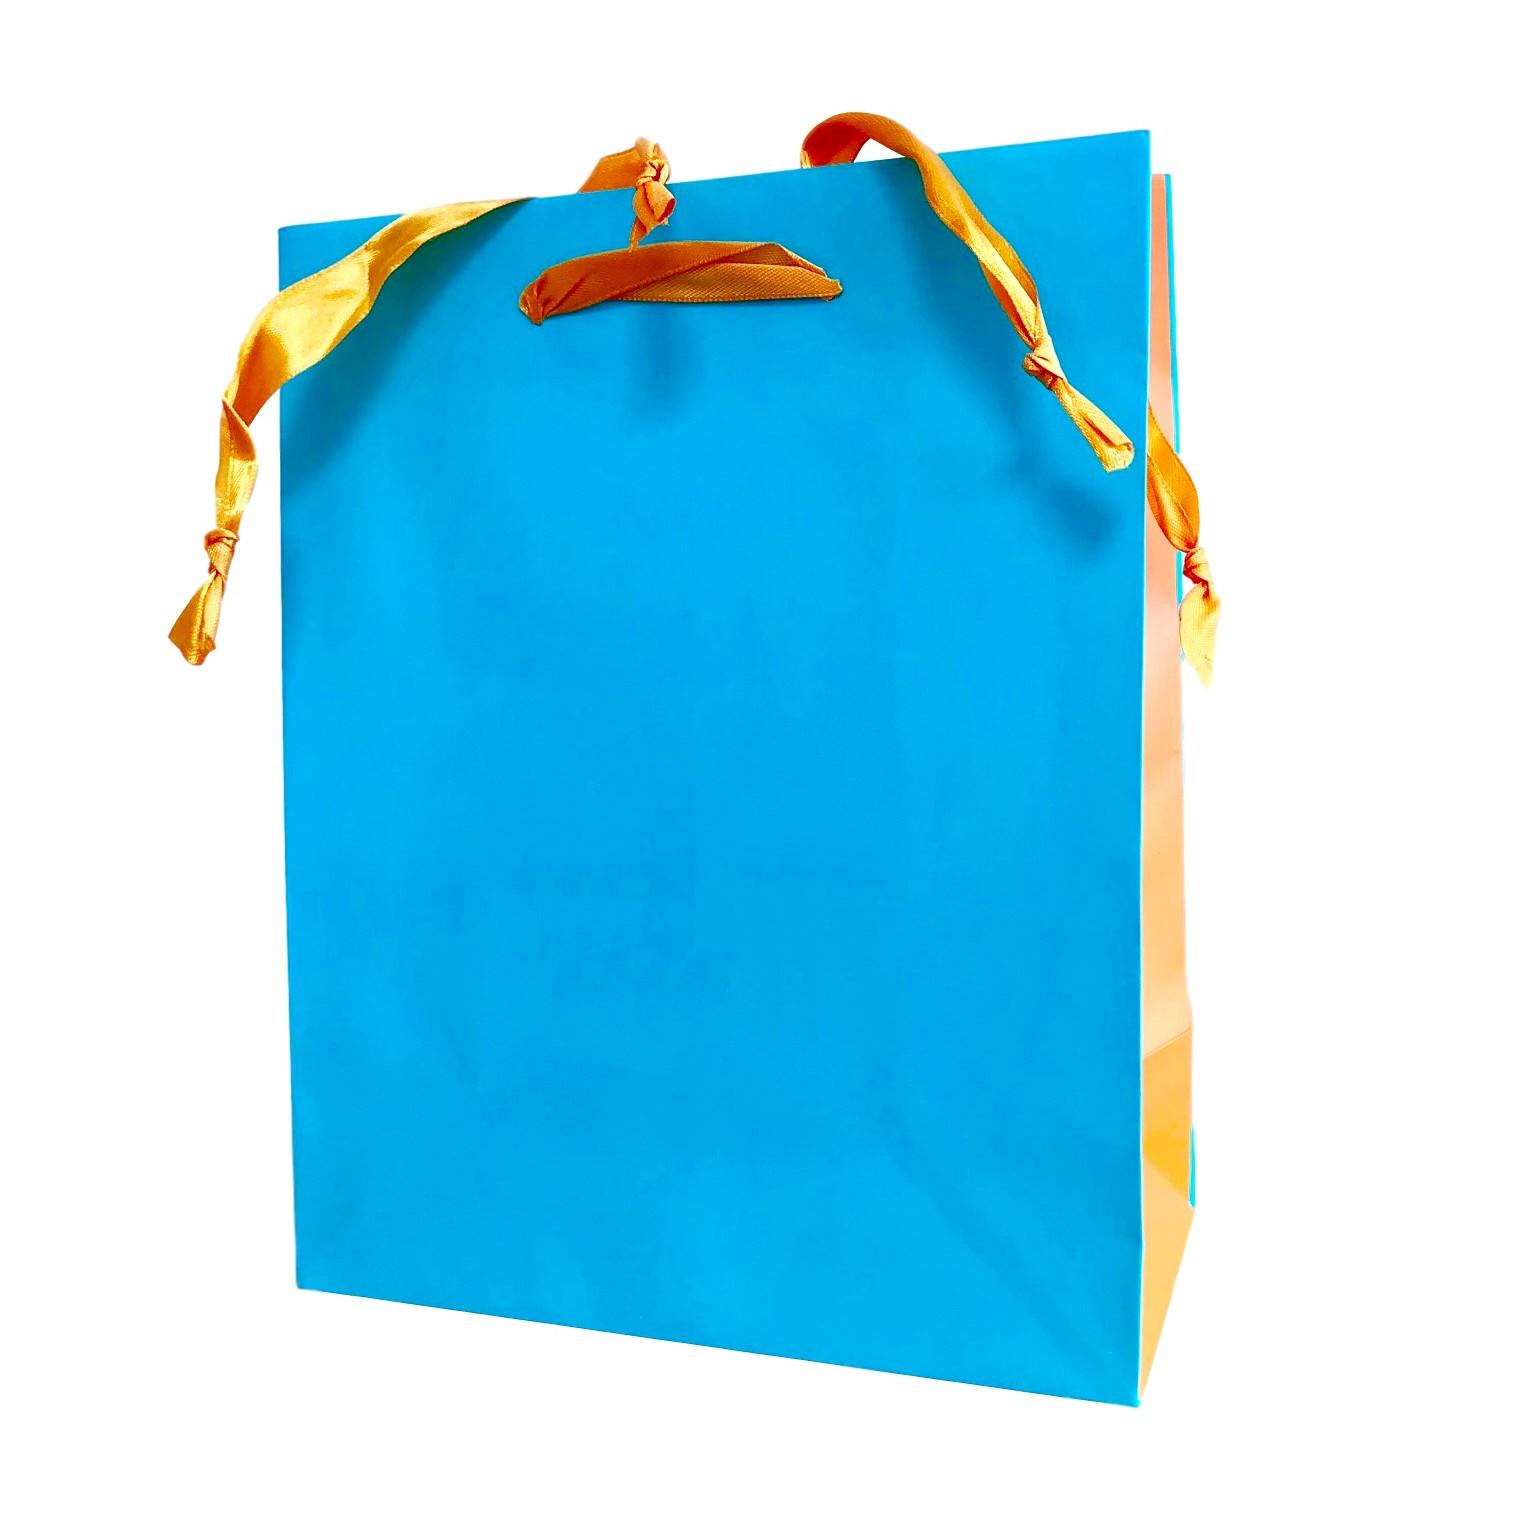 Túi giấy đựng mỹ phẩm quà tặng cao cấp (Màu xanh ngọc) 25x20x10cm set 30 cái